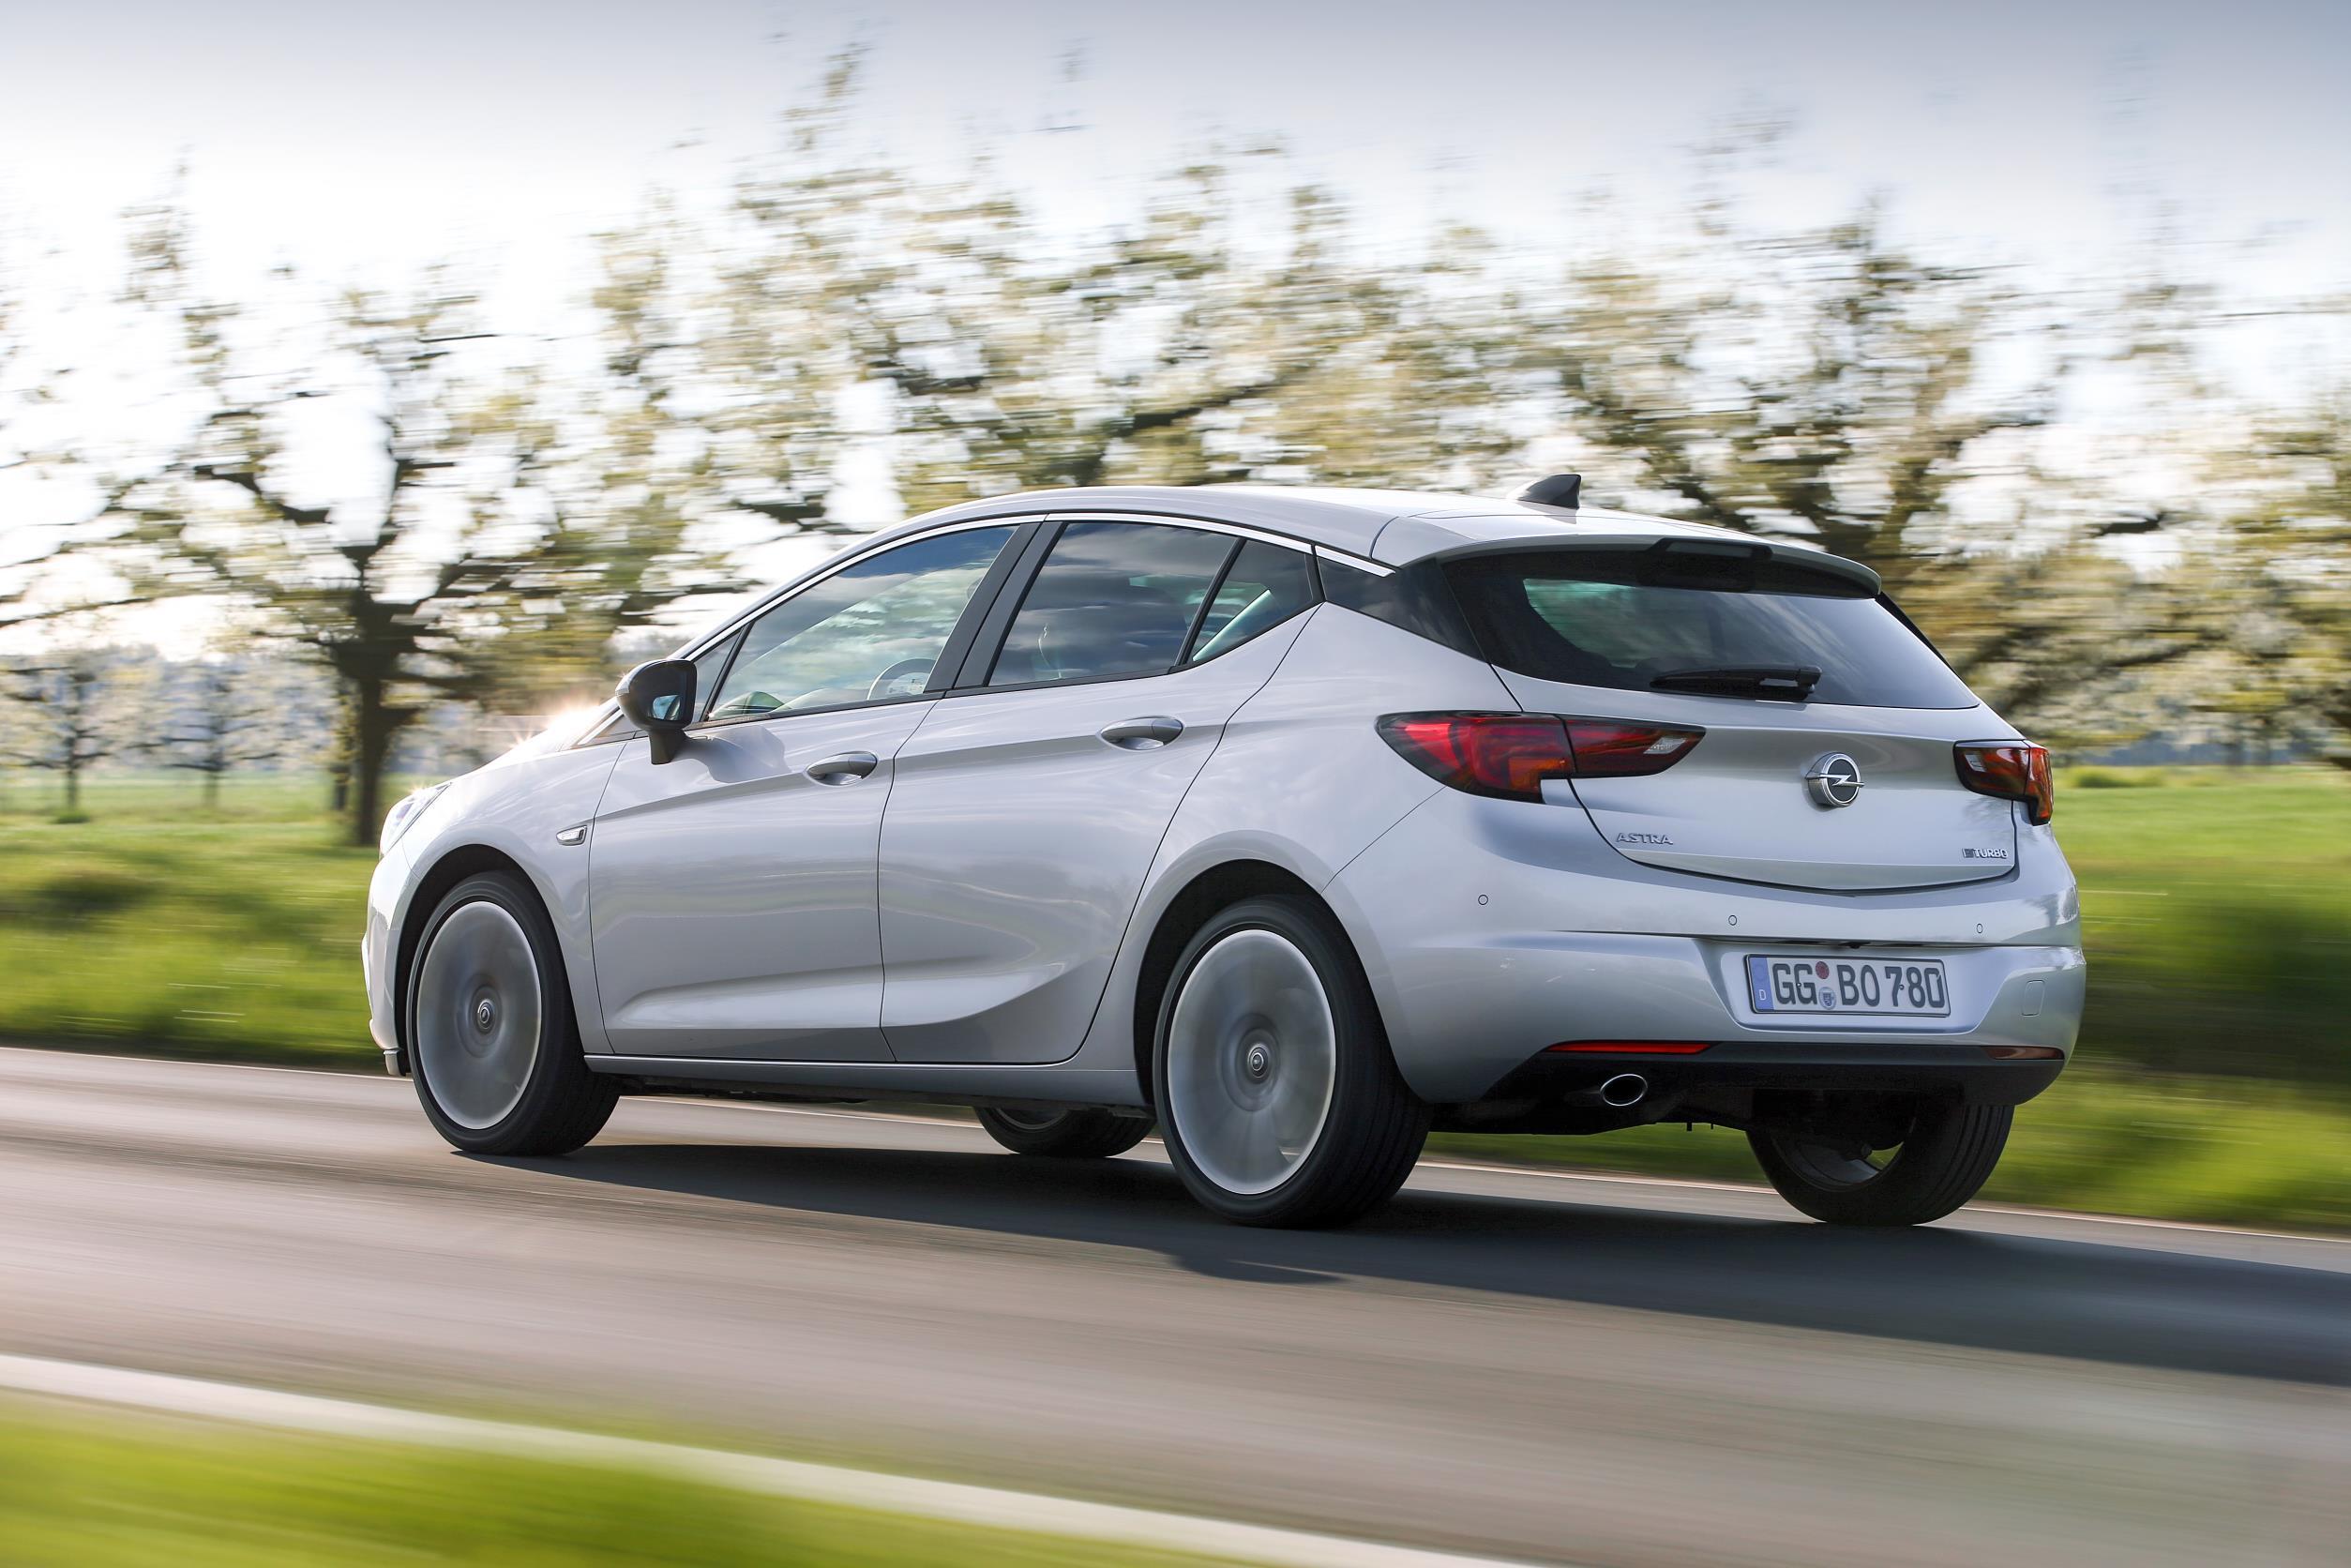 Llega el Opel Astra 1.6 Biturbo CDTI con 160 CV: Cuando prestaciones y ahorro se unen de la mano 2